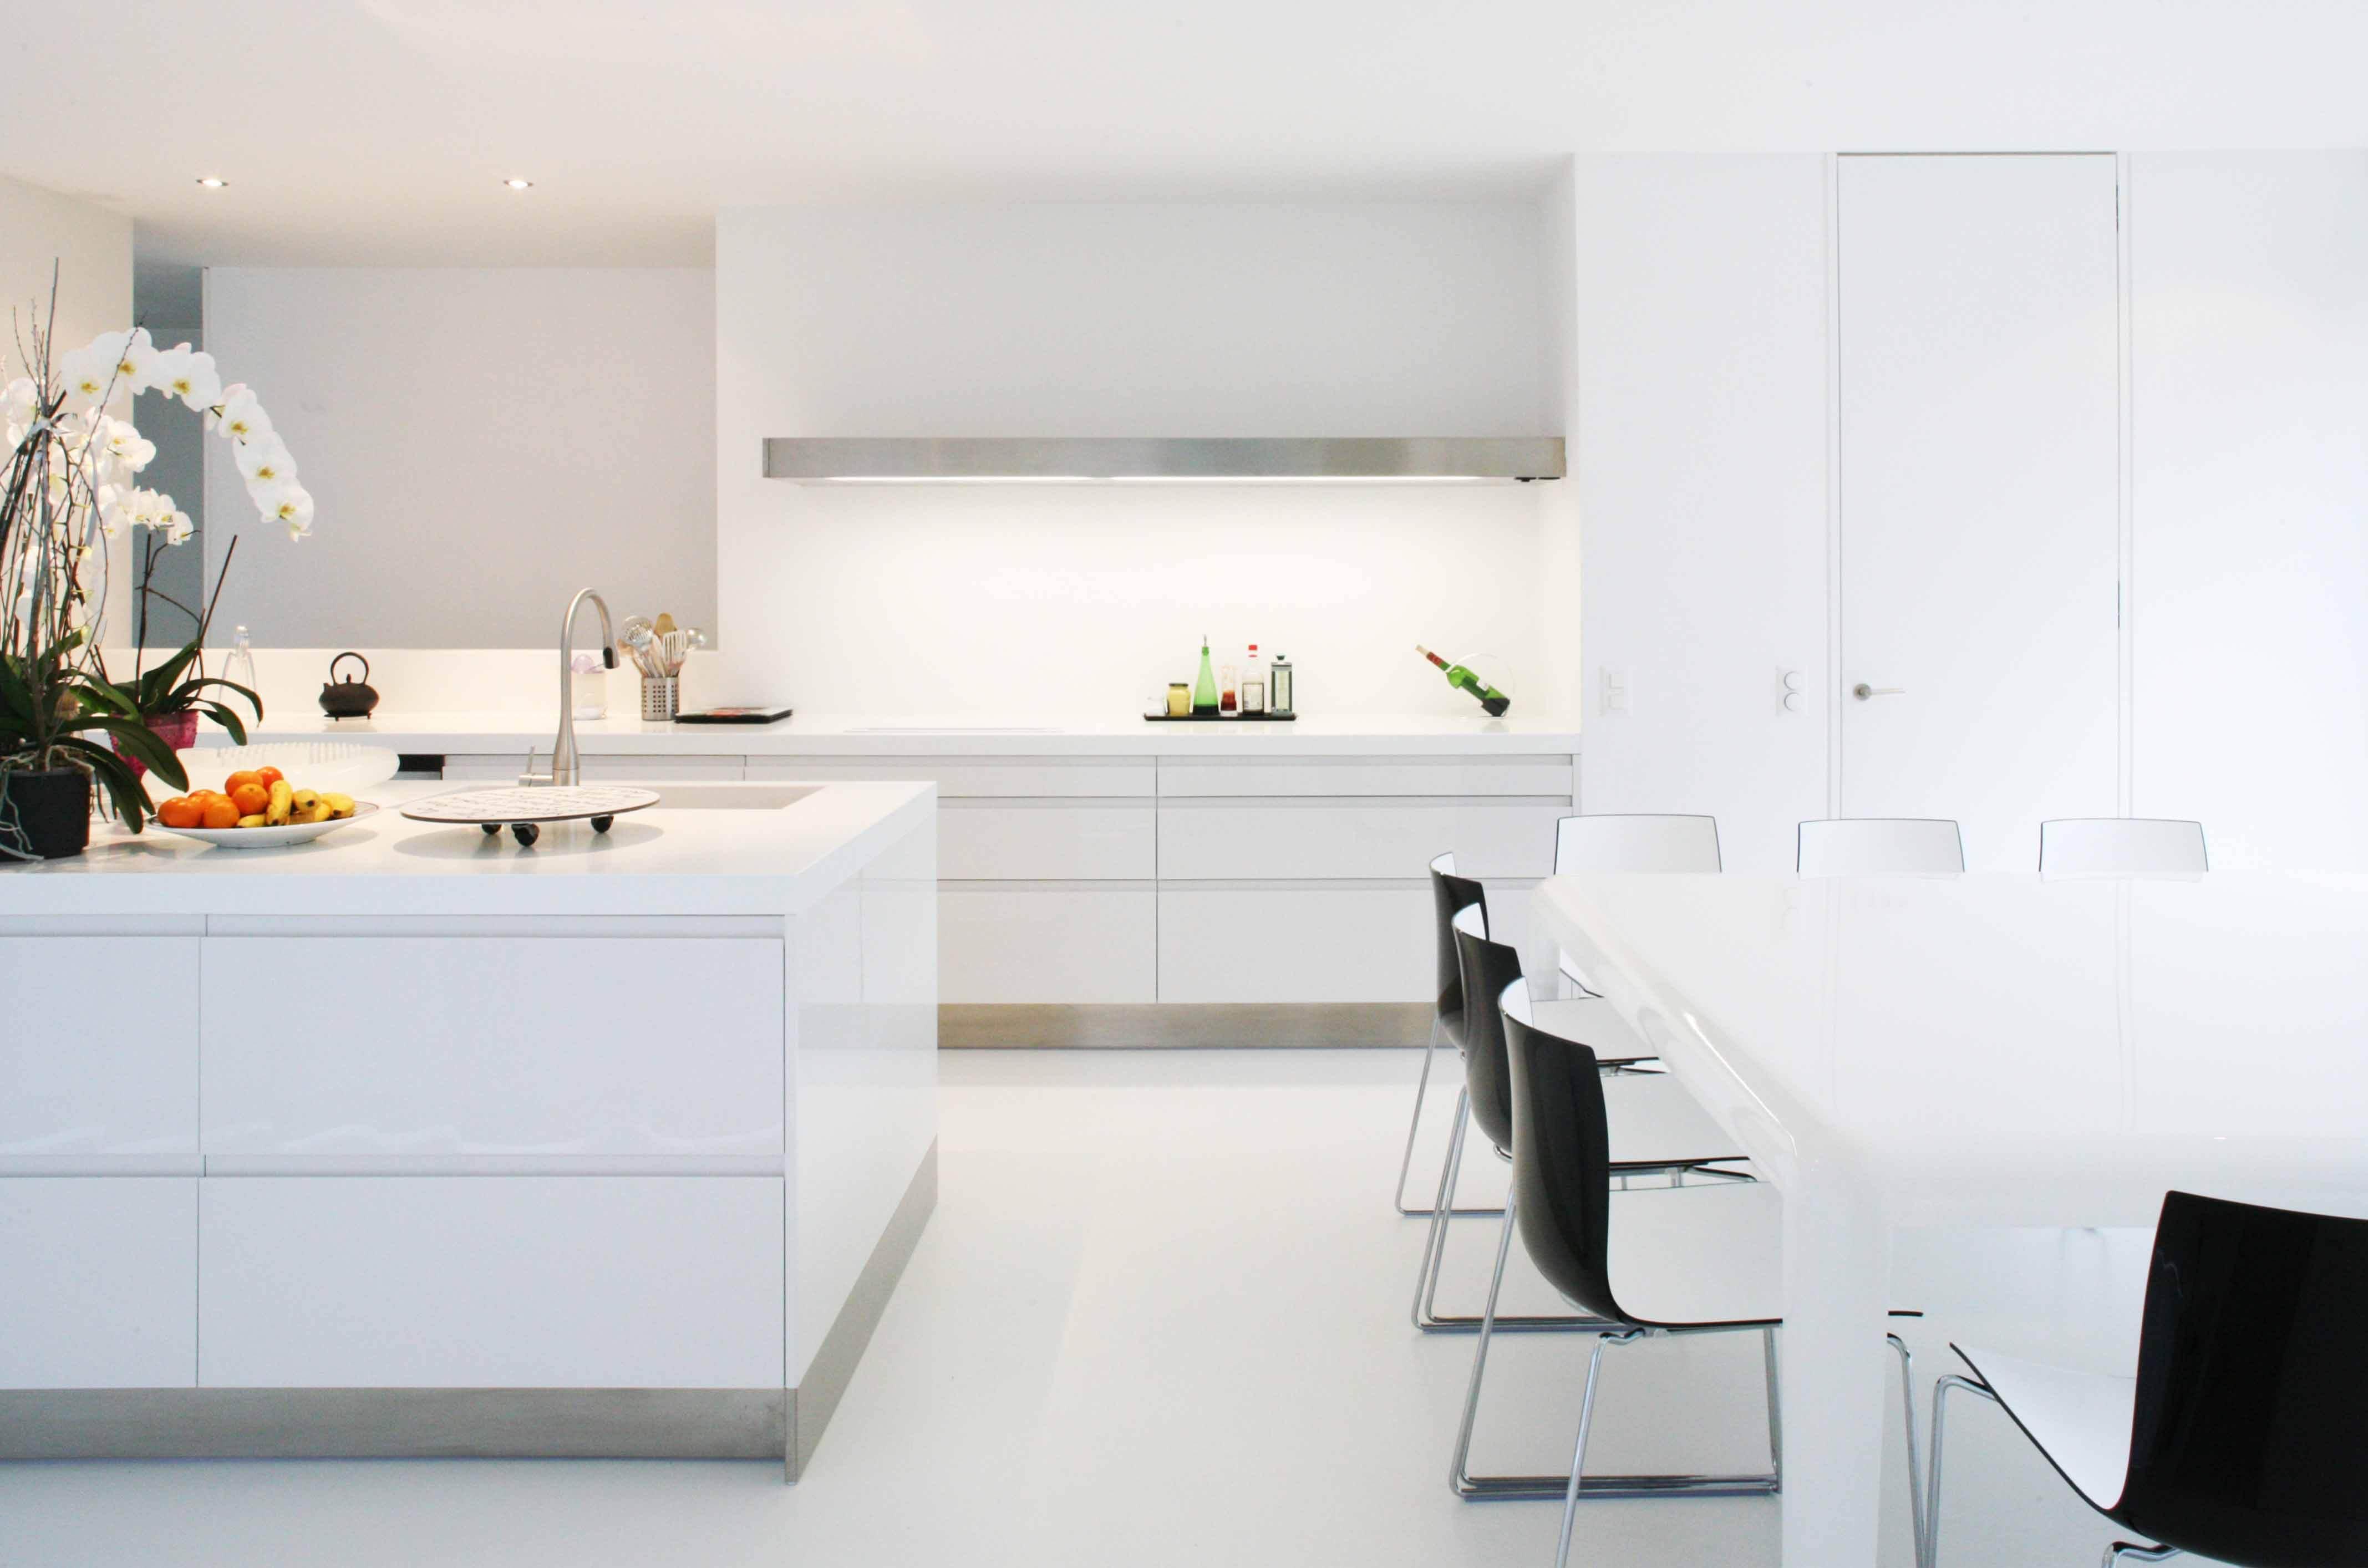 Villa contemporaine ch ne bougeries arclinea gen ve for Ambiance cuisine geneve